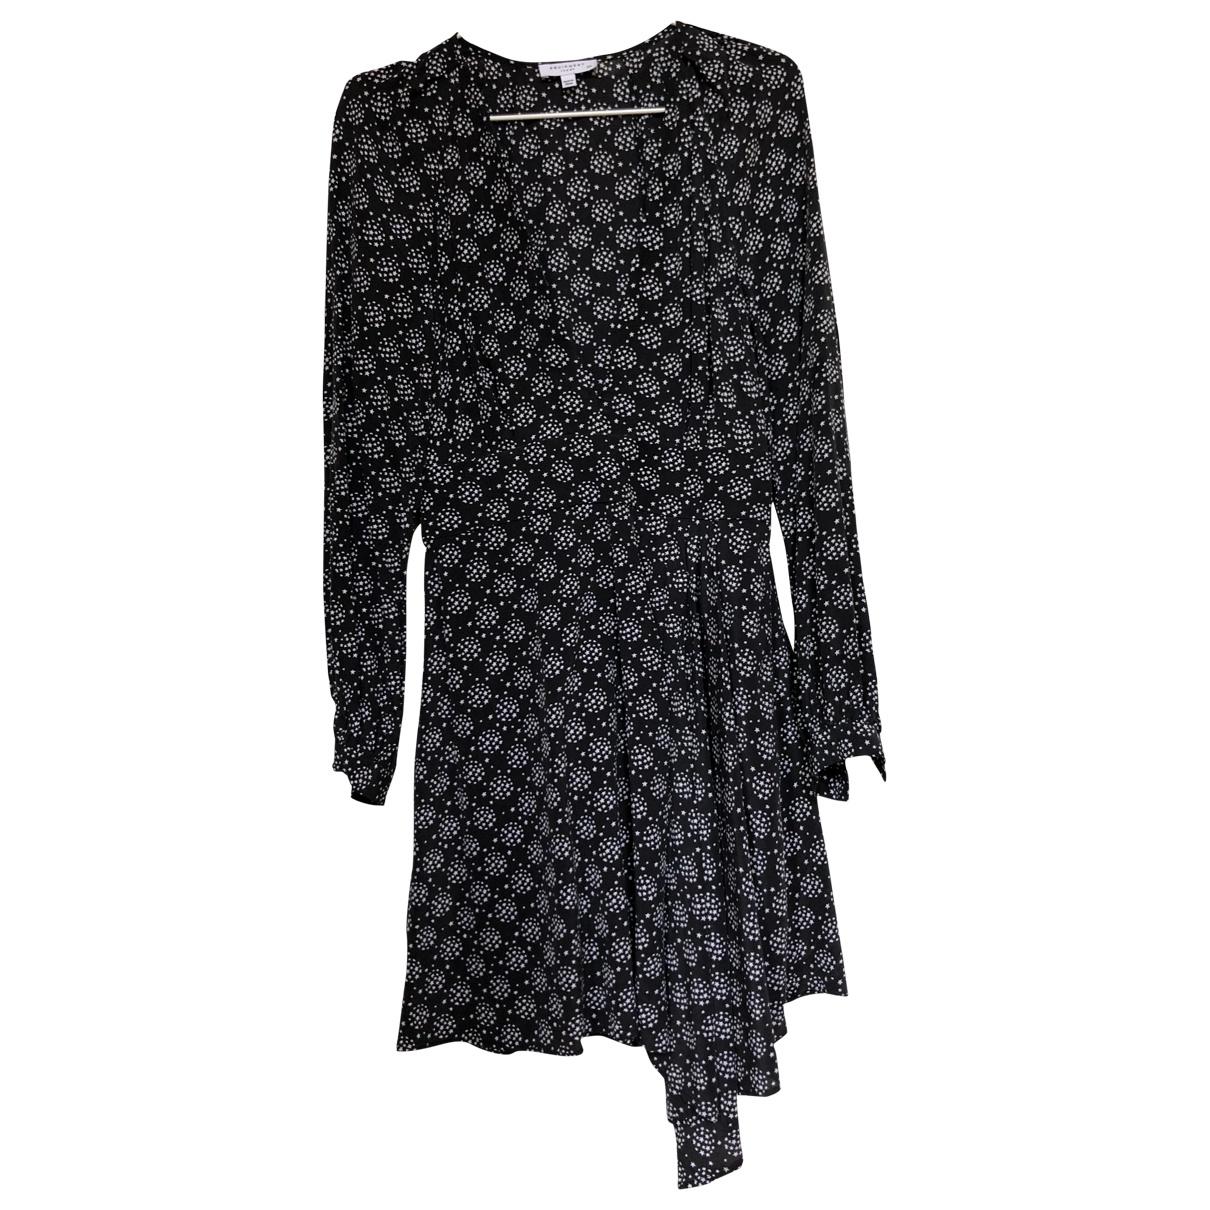 Equipment \N Black Silk dress for Women S International